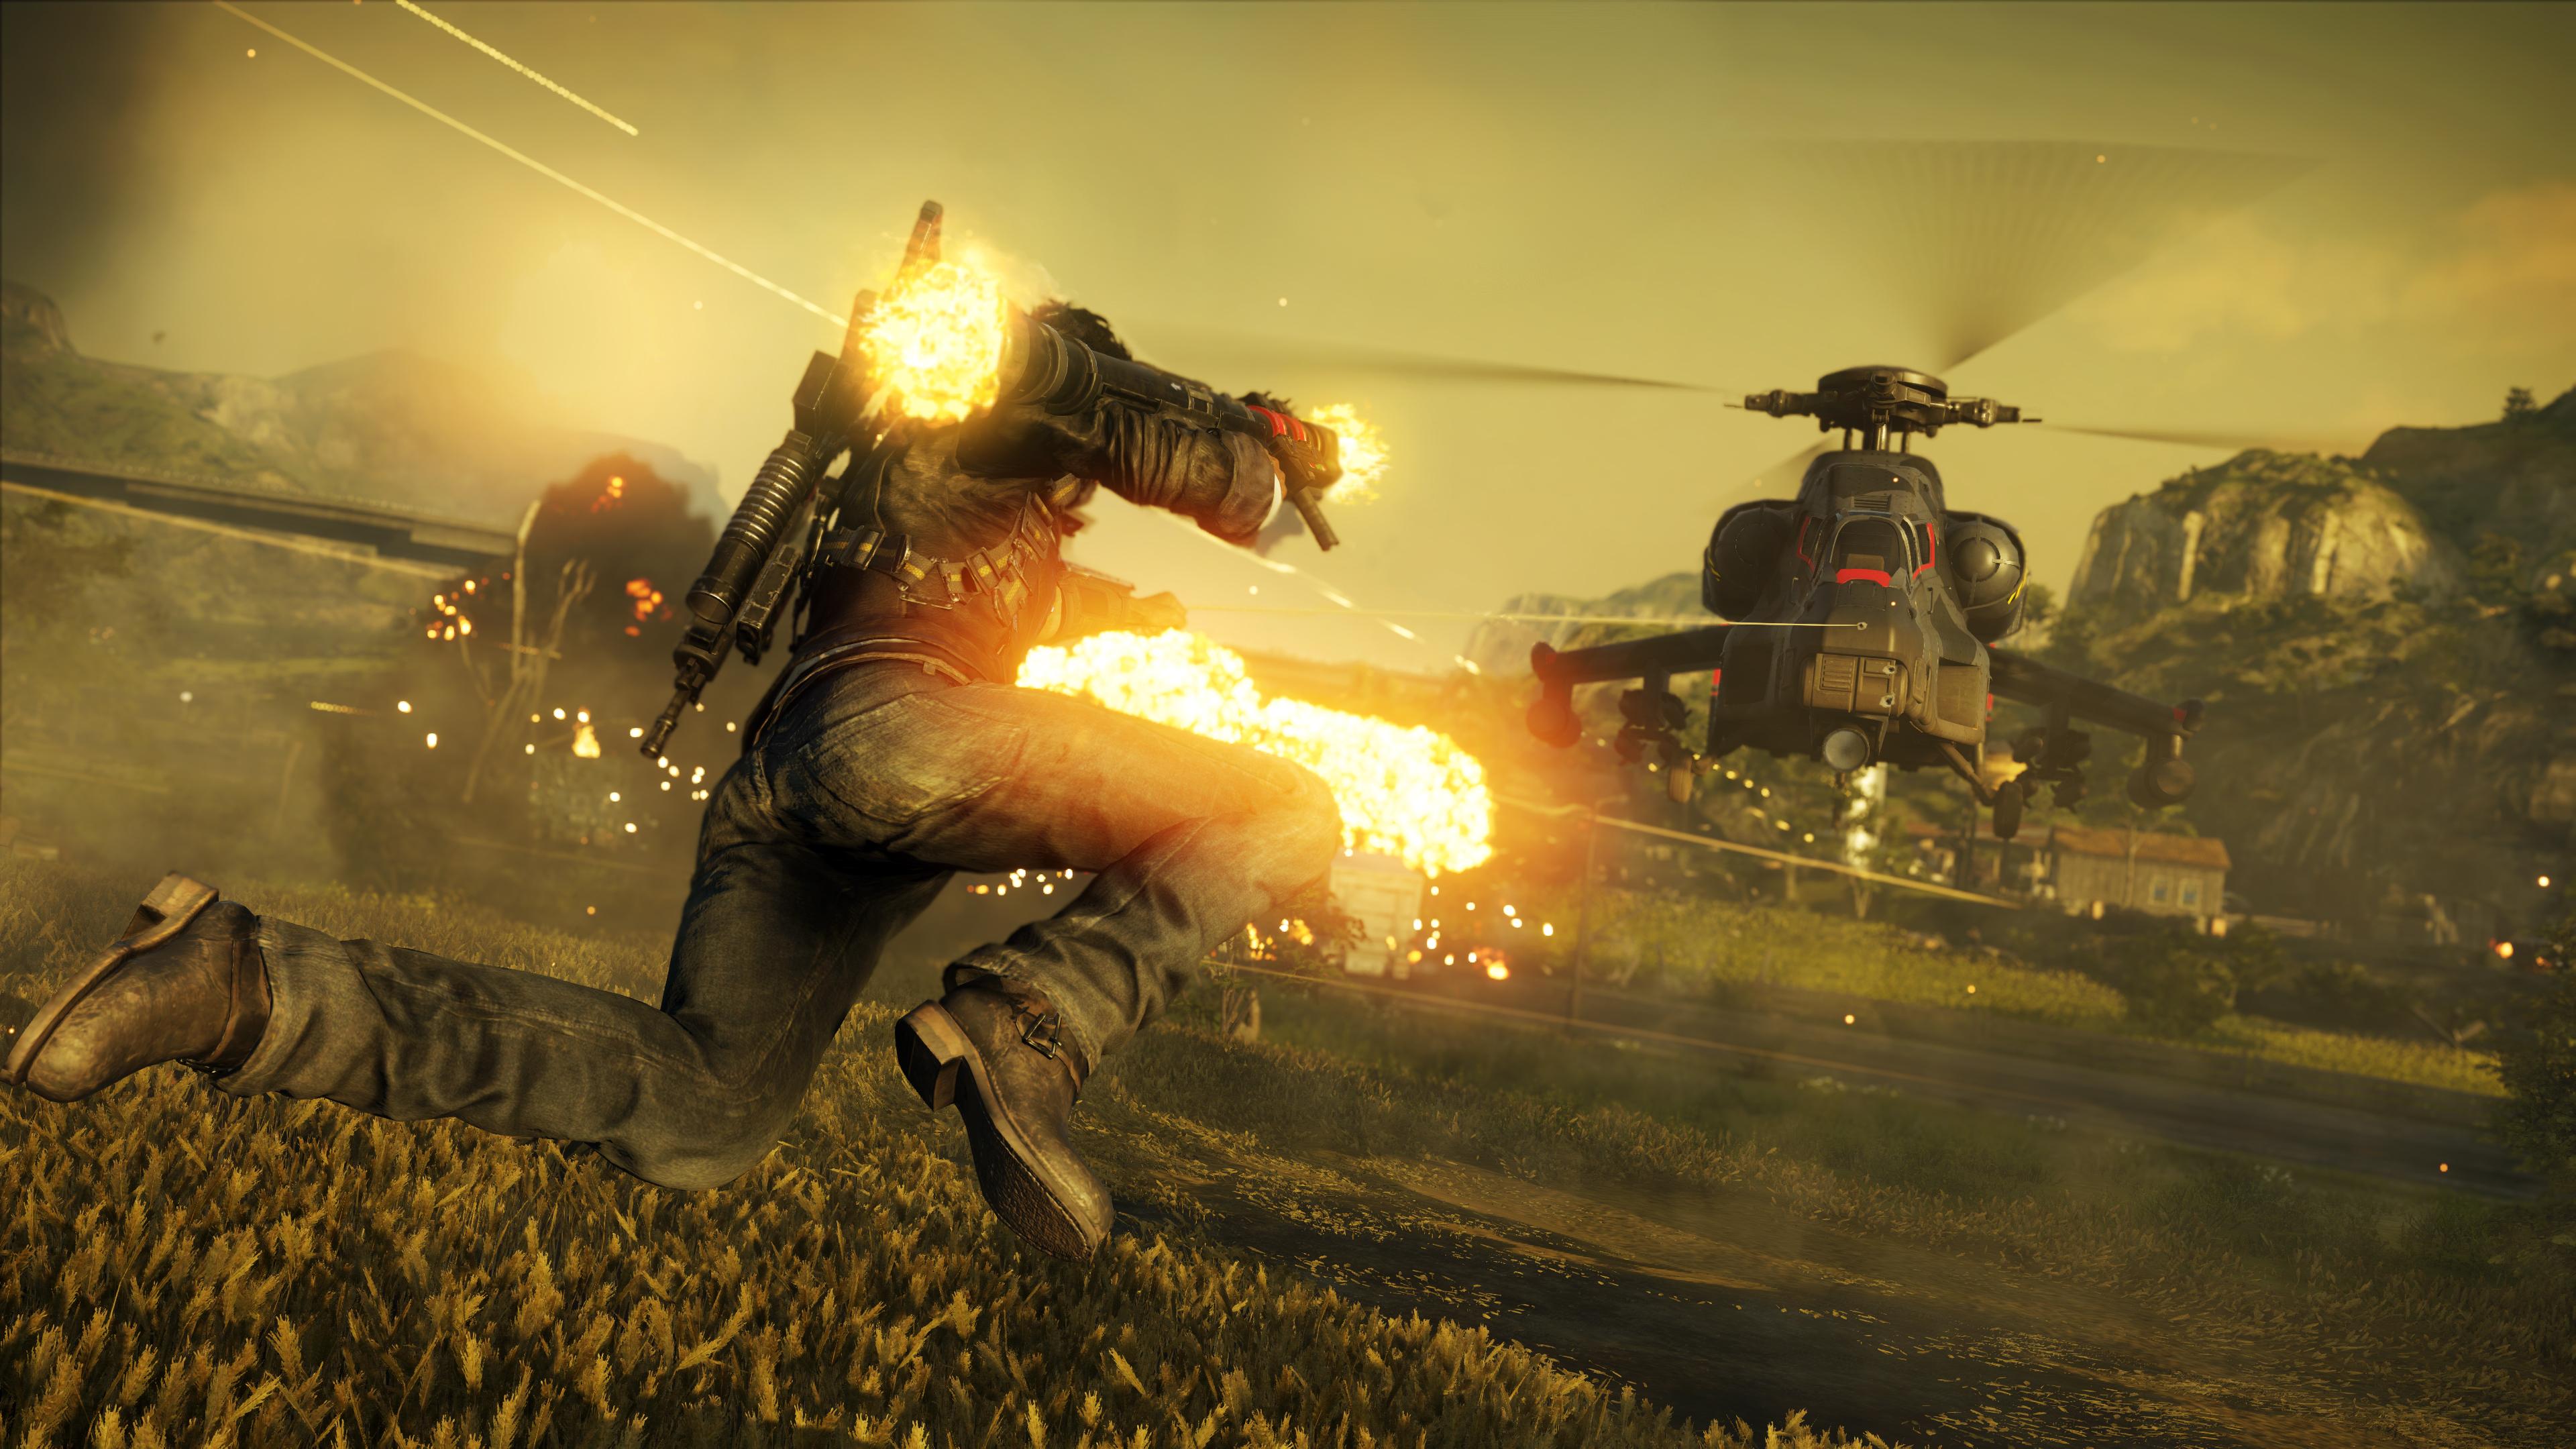 Aperçu Just Cause 4 Rico Rodriguez s'accroche à un hélicoptère